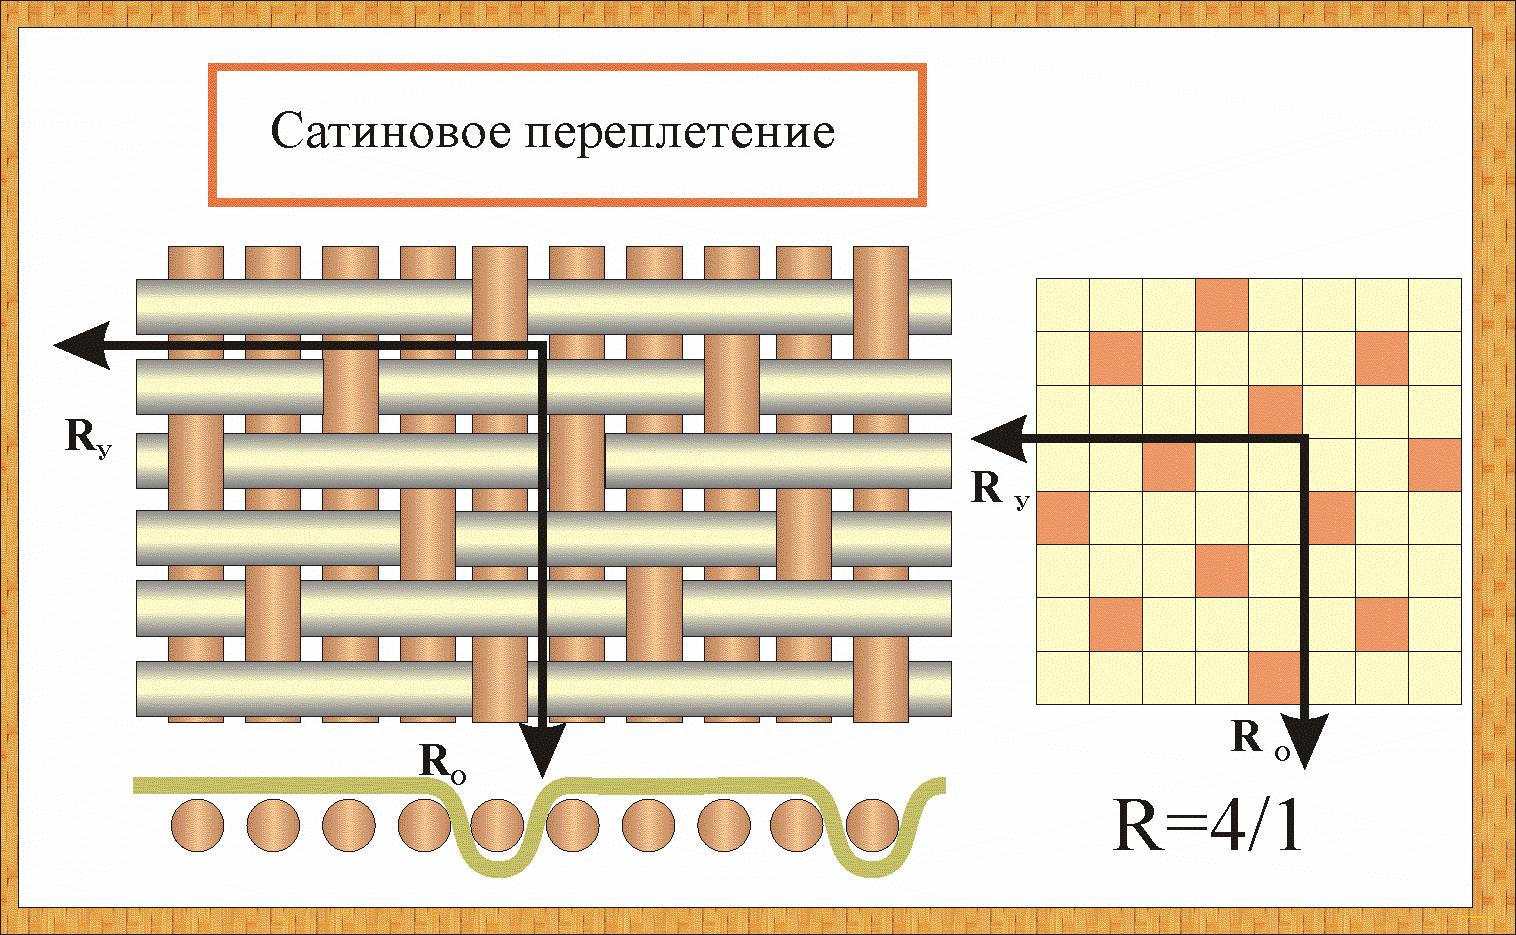 Как сделать сатиновое переплетение из бумаги